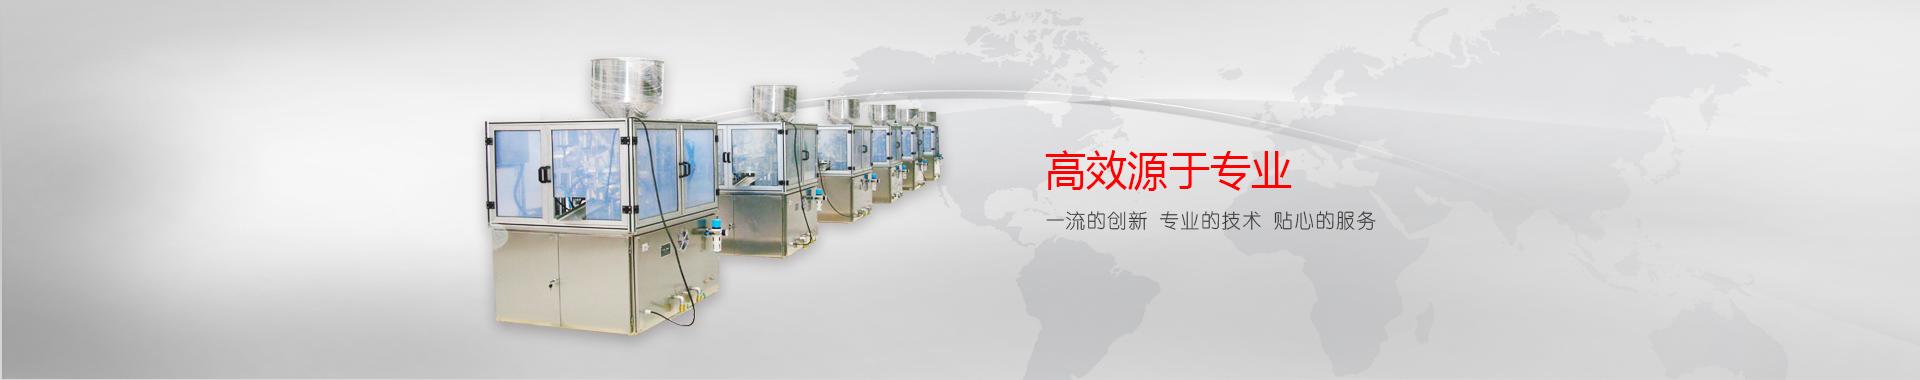 上海佳诚全自动灌装机介绍高效源于专业